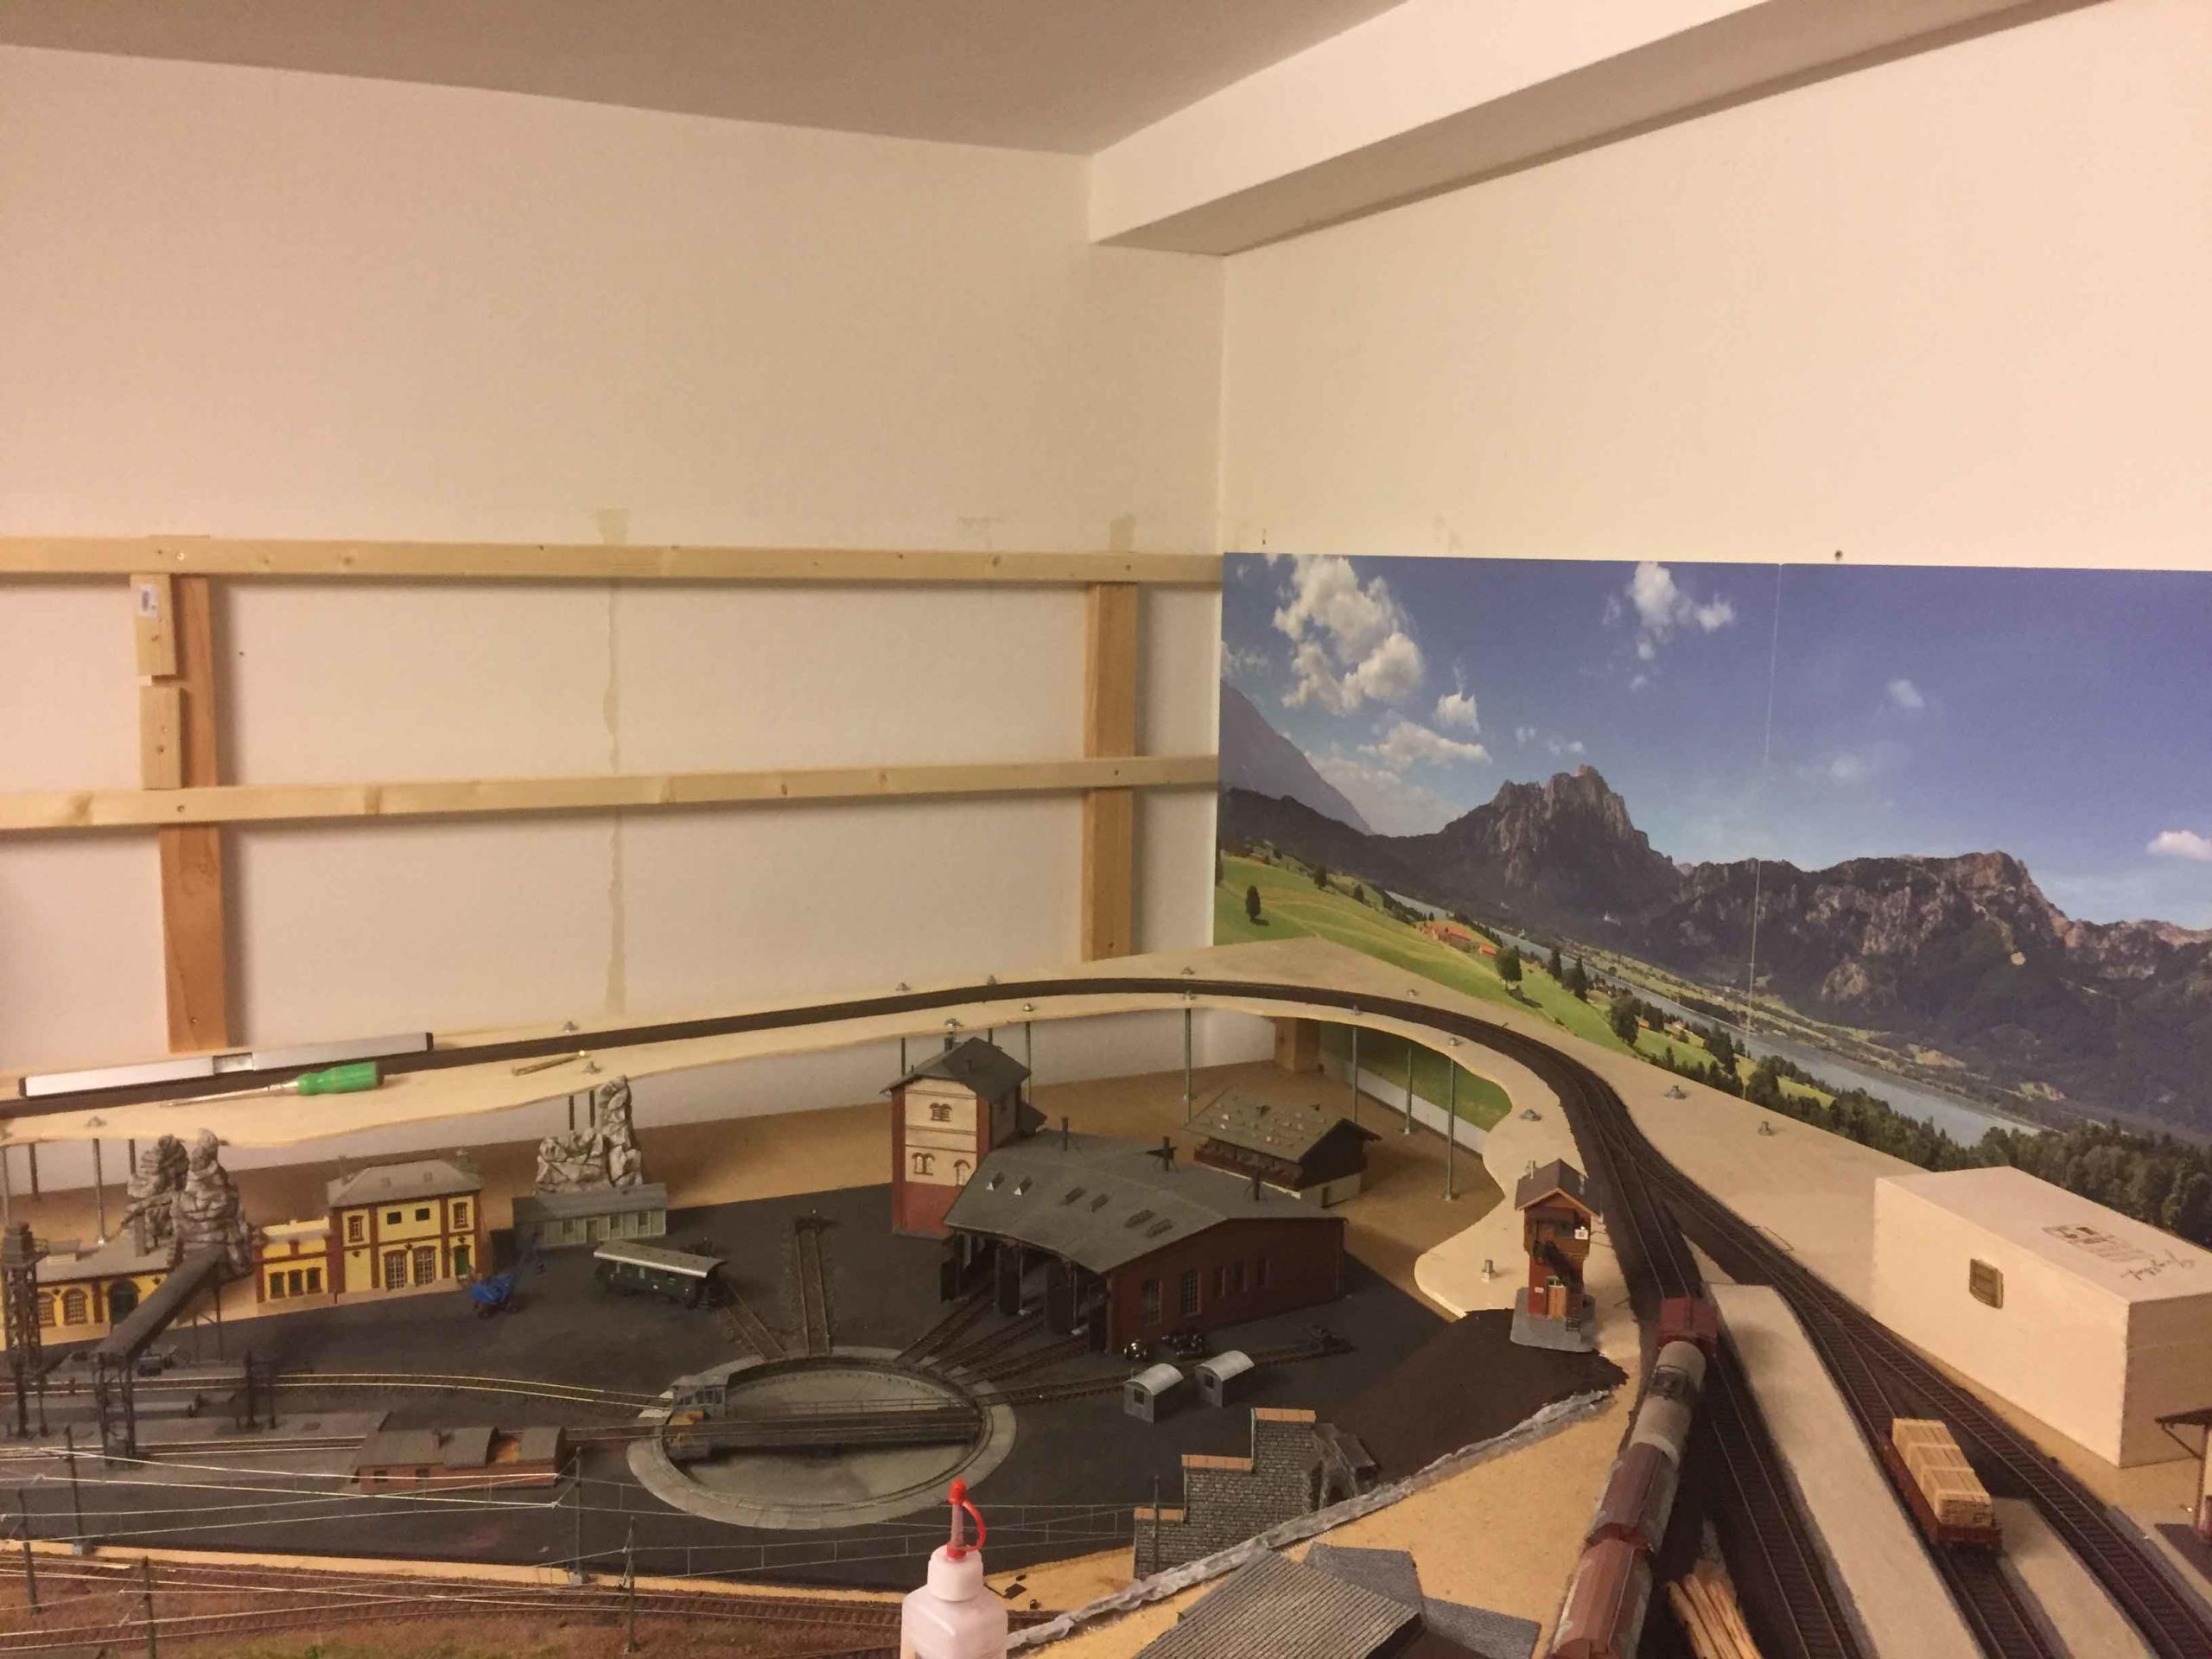 modellbahn-hintergrund-modellbahning_12 3